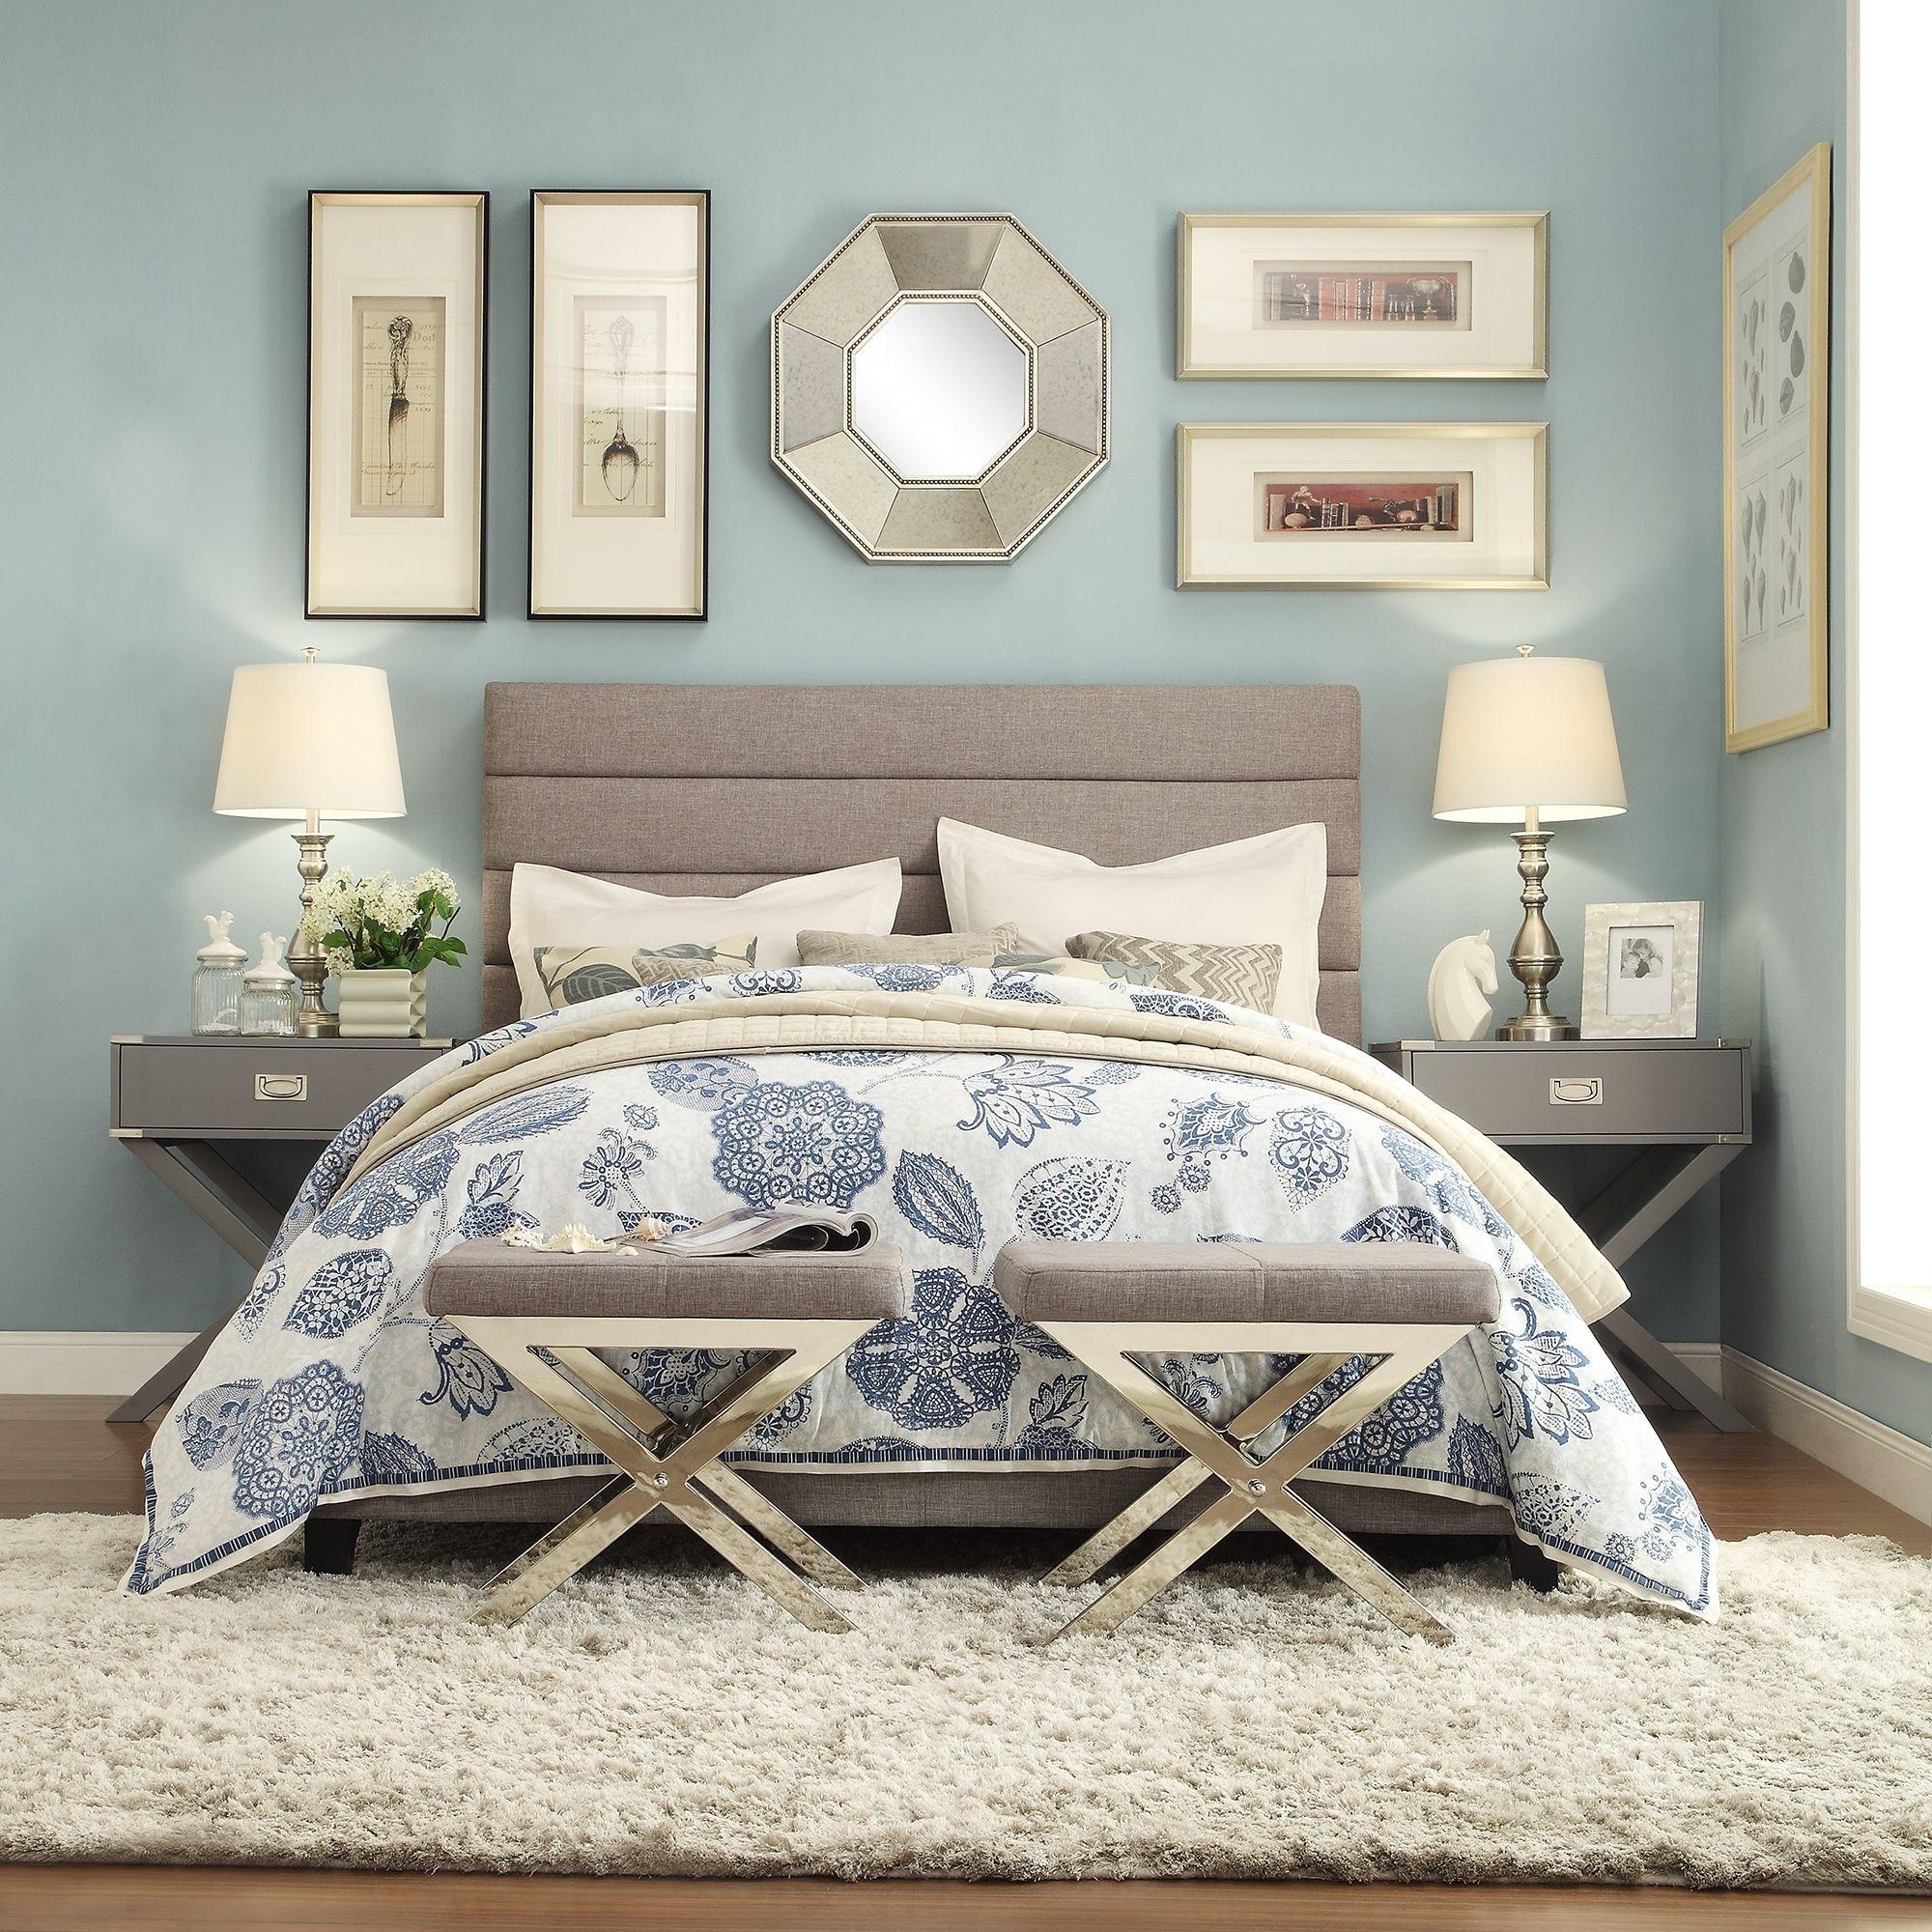 Corbett Horizontal Tufted Gray Linen Upholstered Headboard By Inspire Q Classic On Sale Overstock 10001245 Full